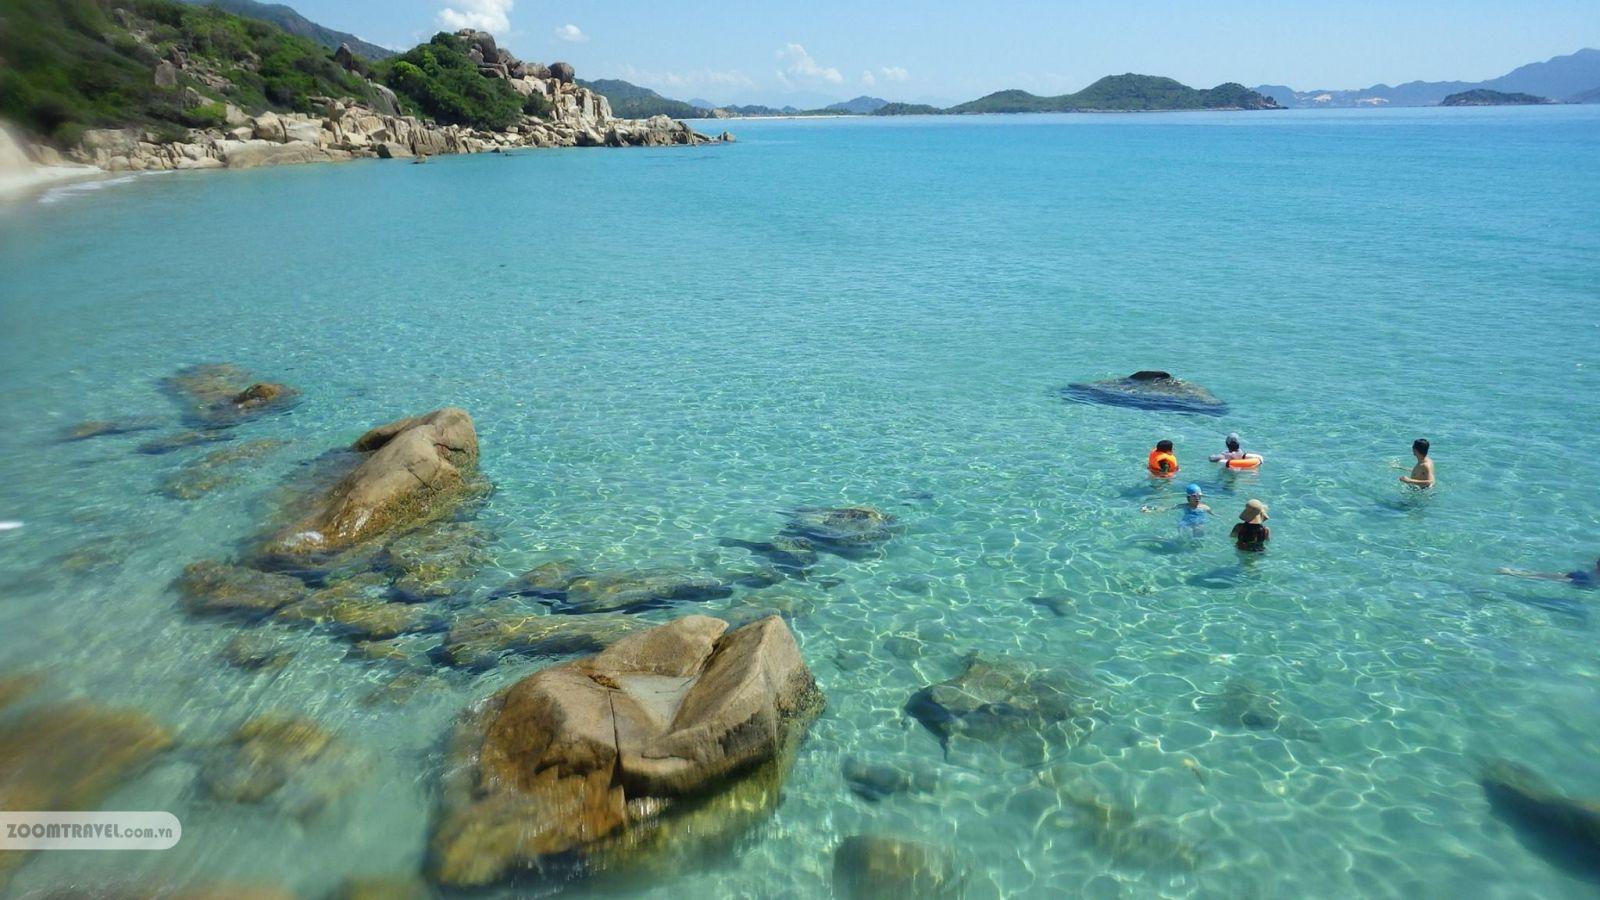 Đảo Bình Hưng - vẻ đẹp của thiên nhiên hoang sơ